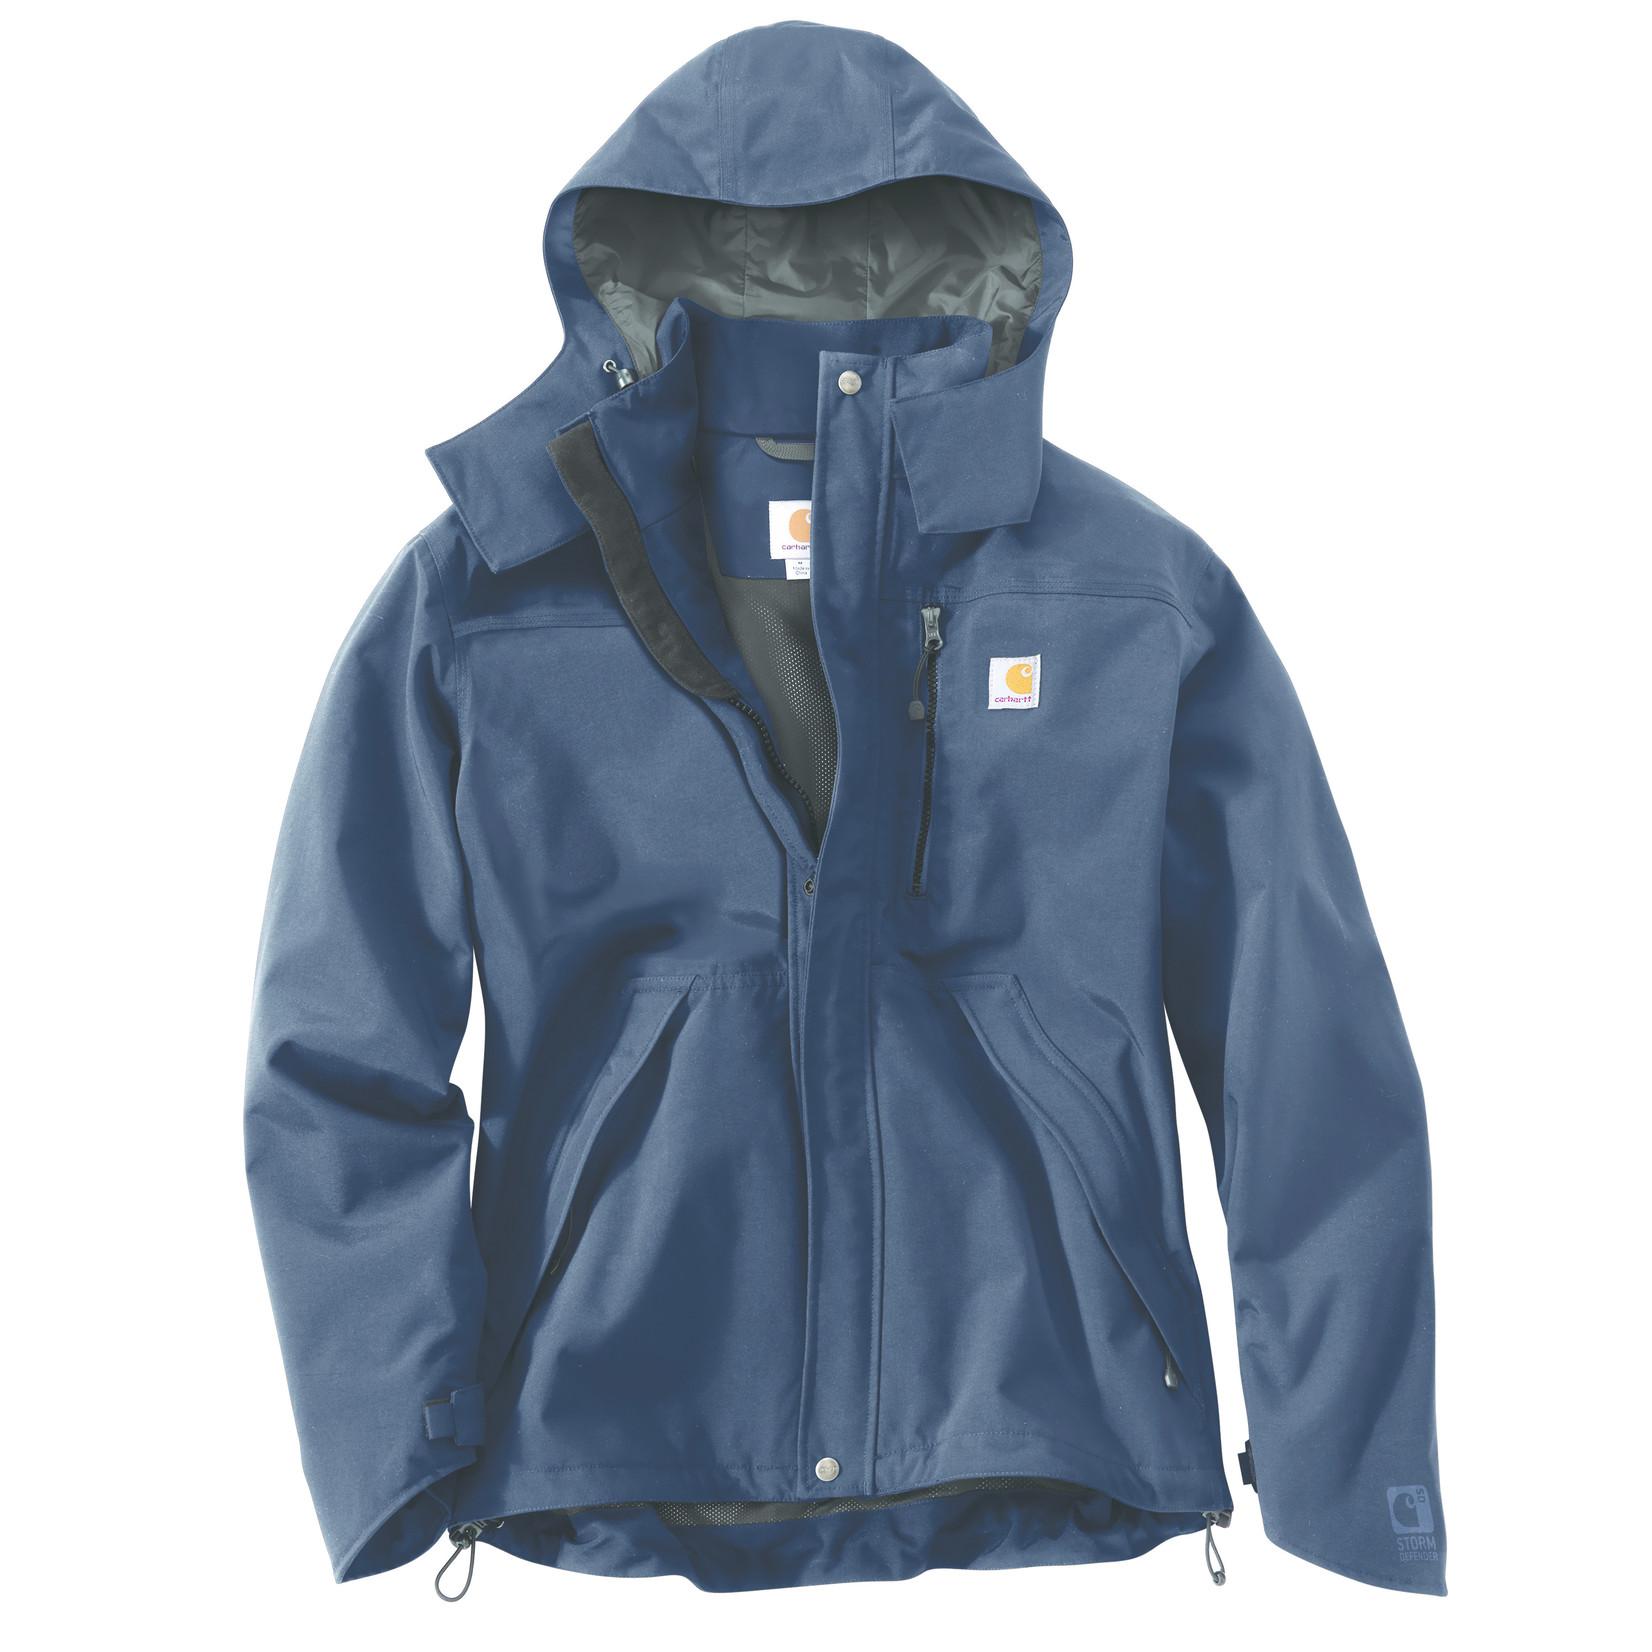 Carhartt Carhartt J162 Shoreline Jacket